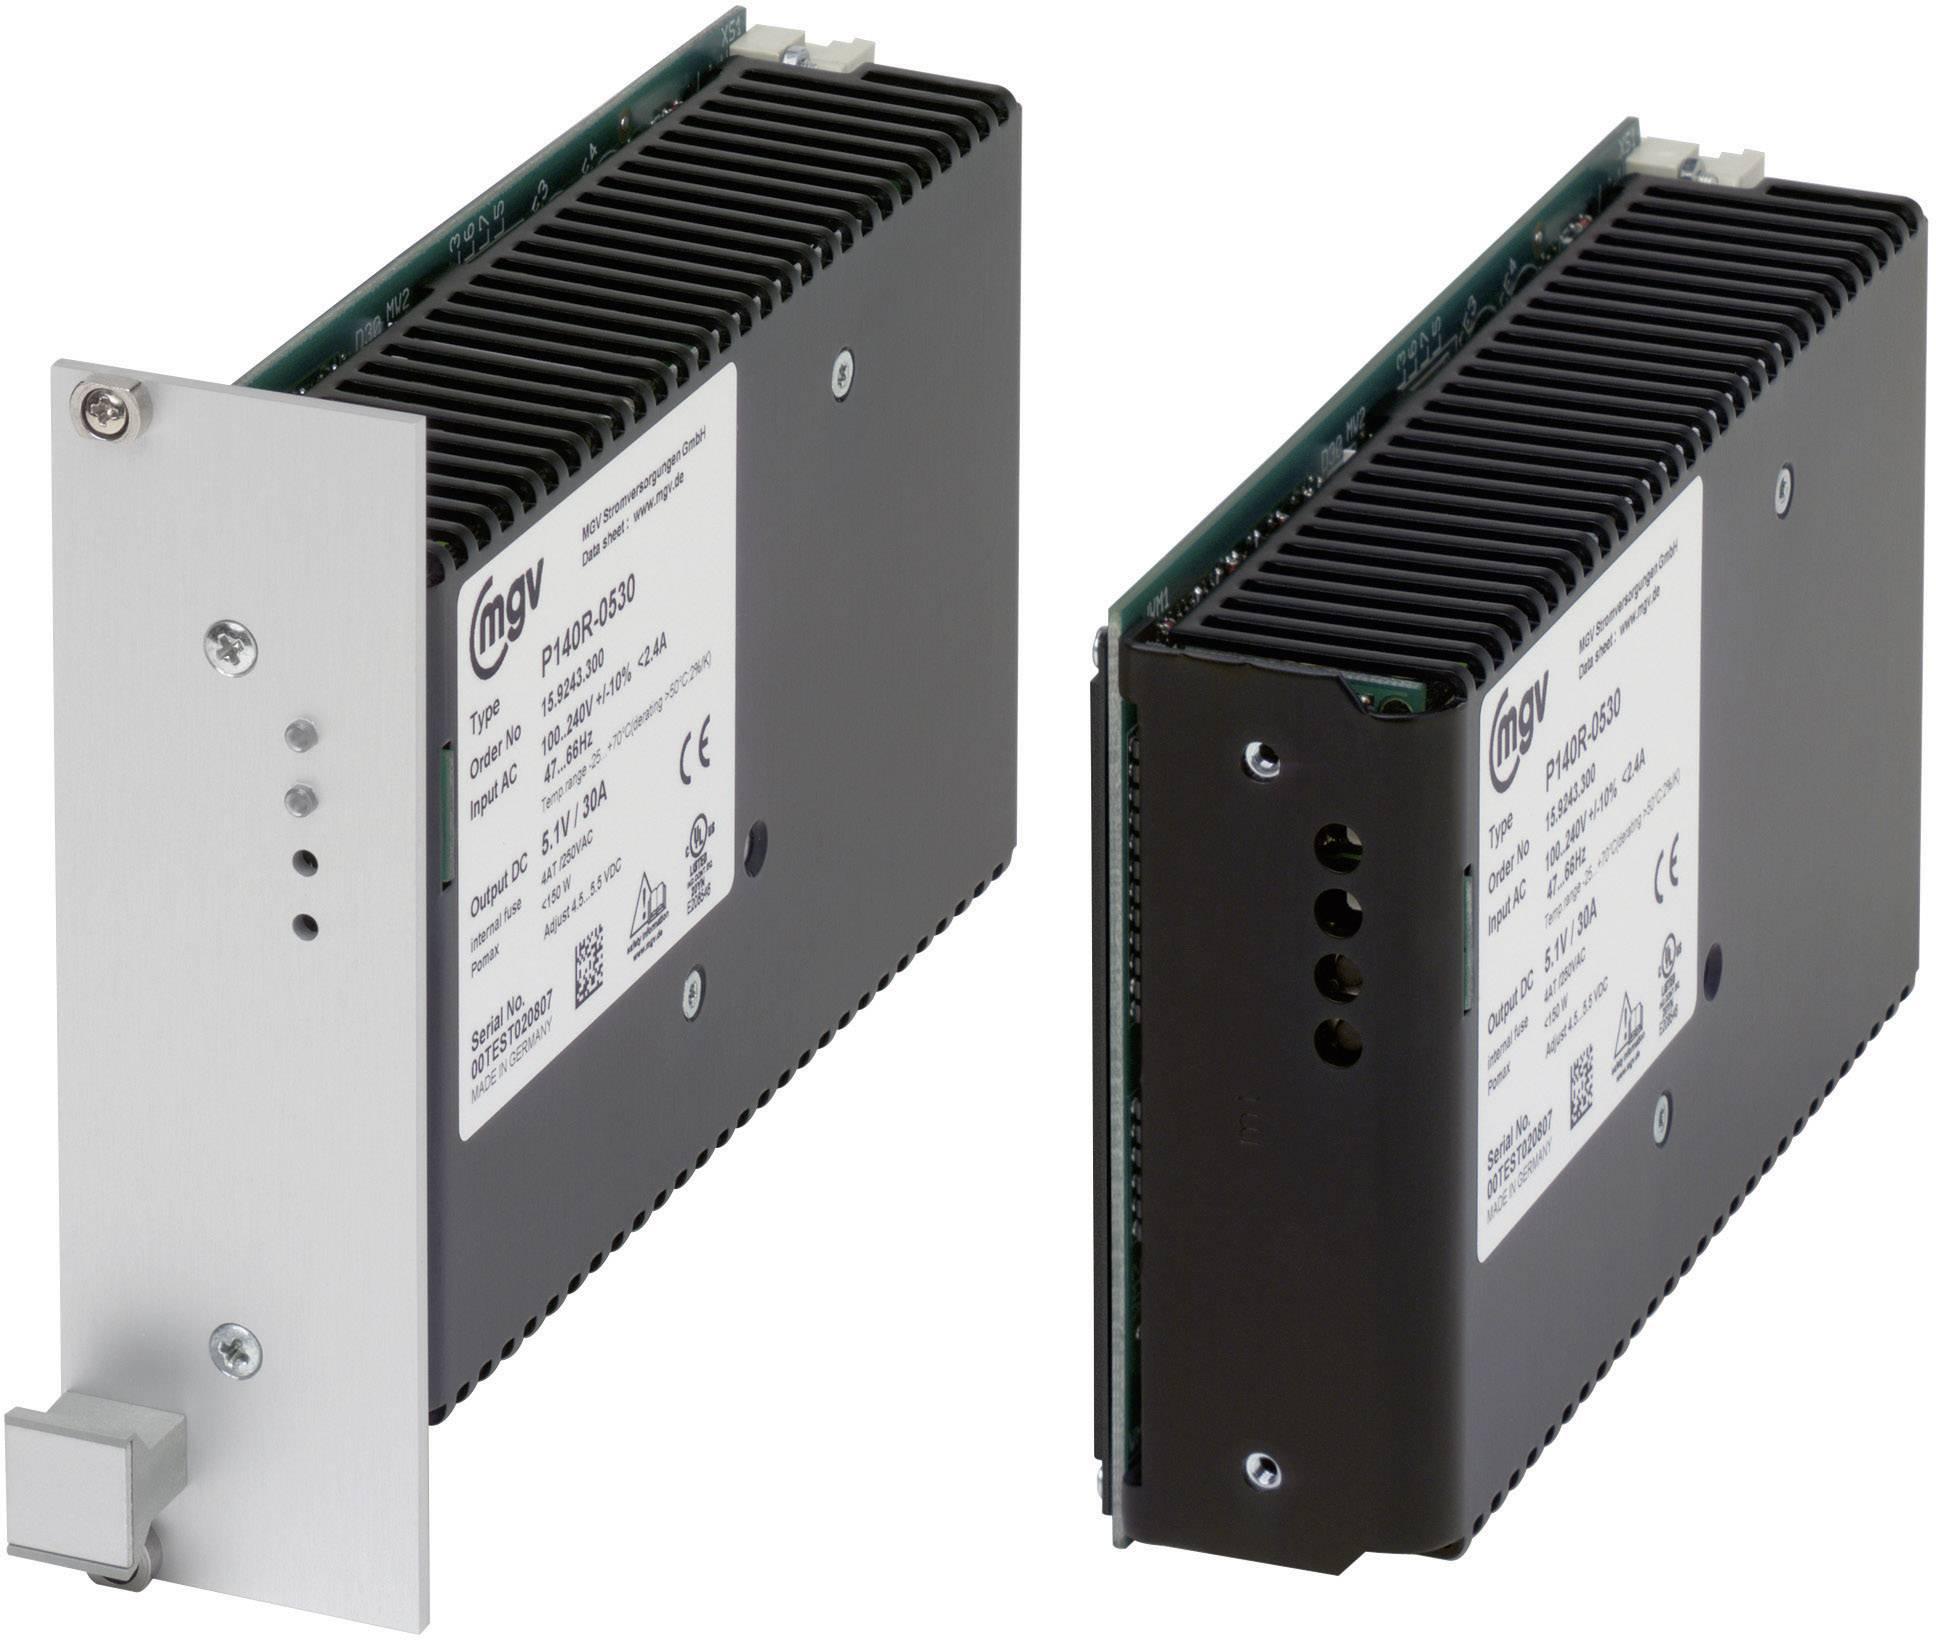 Sieťový zdroj do racku MGV P140R-0530, 5,1 V/DC, 30 A, 150 W